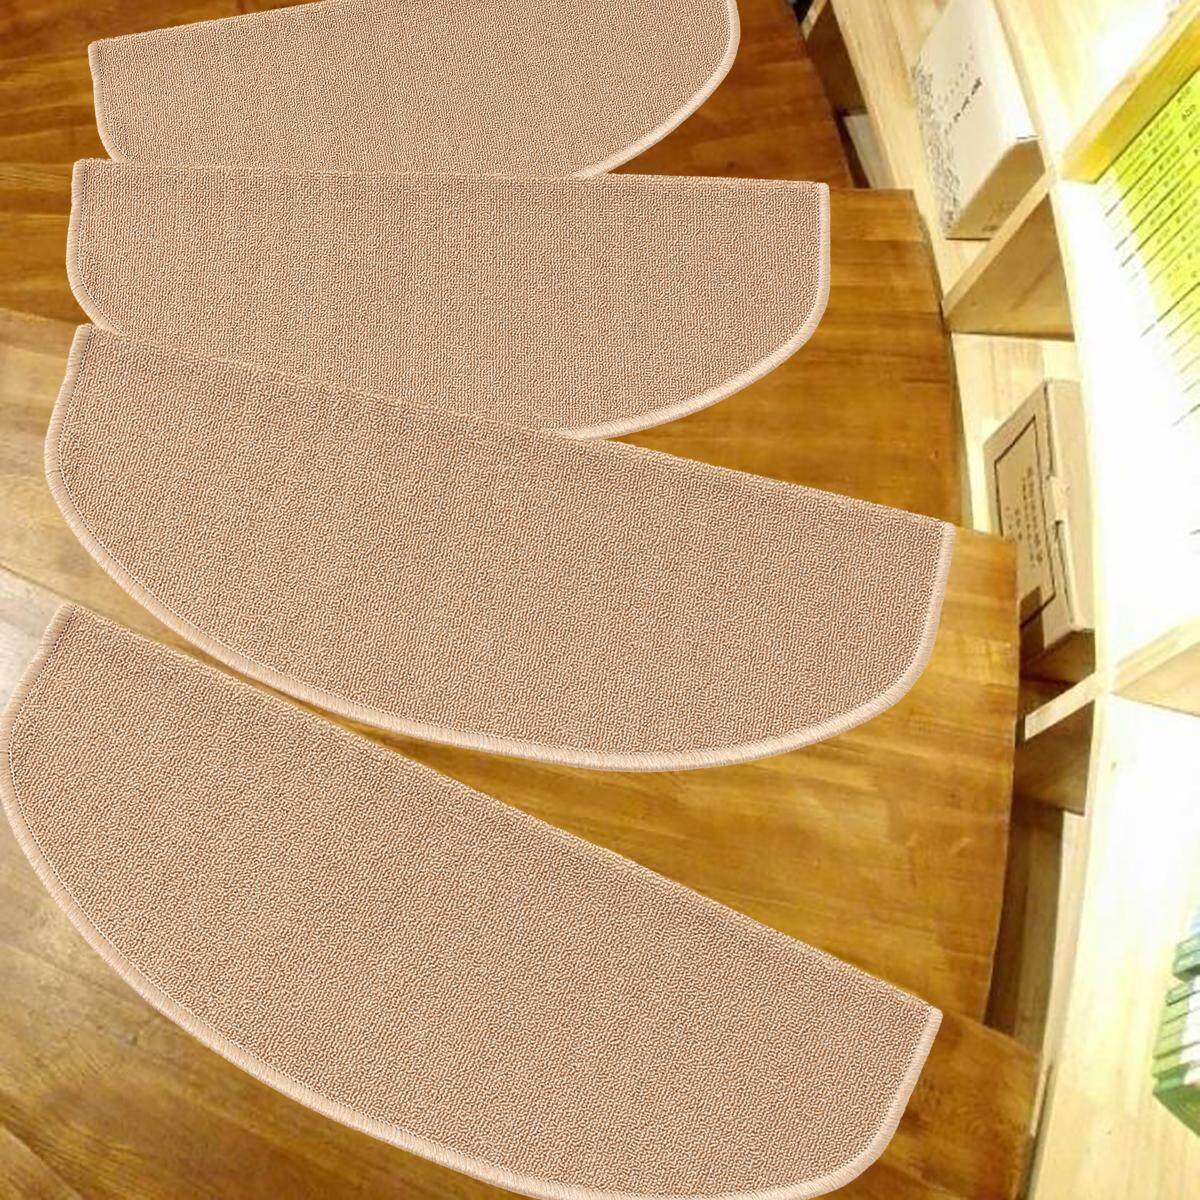 Set 1 ~ 7 Tangga Tapak Karpet Karet Dukungan Tikar Non-slip Tangga Lantai Karpet